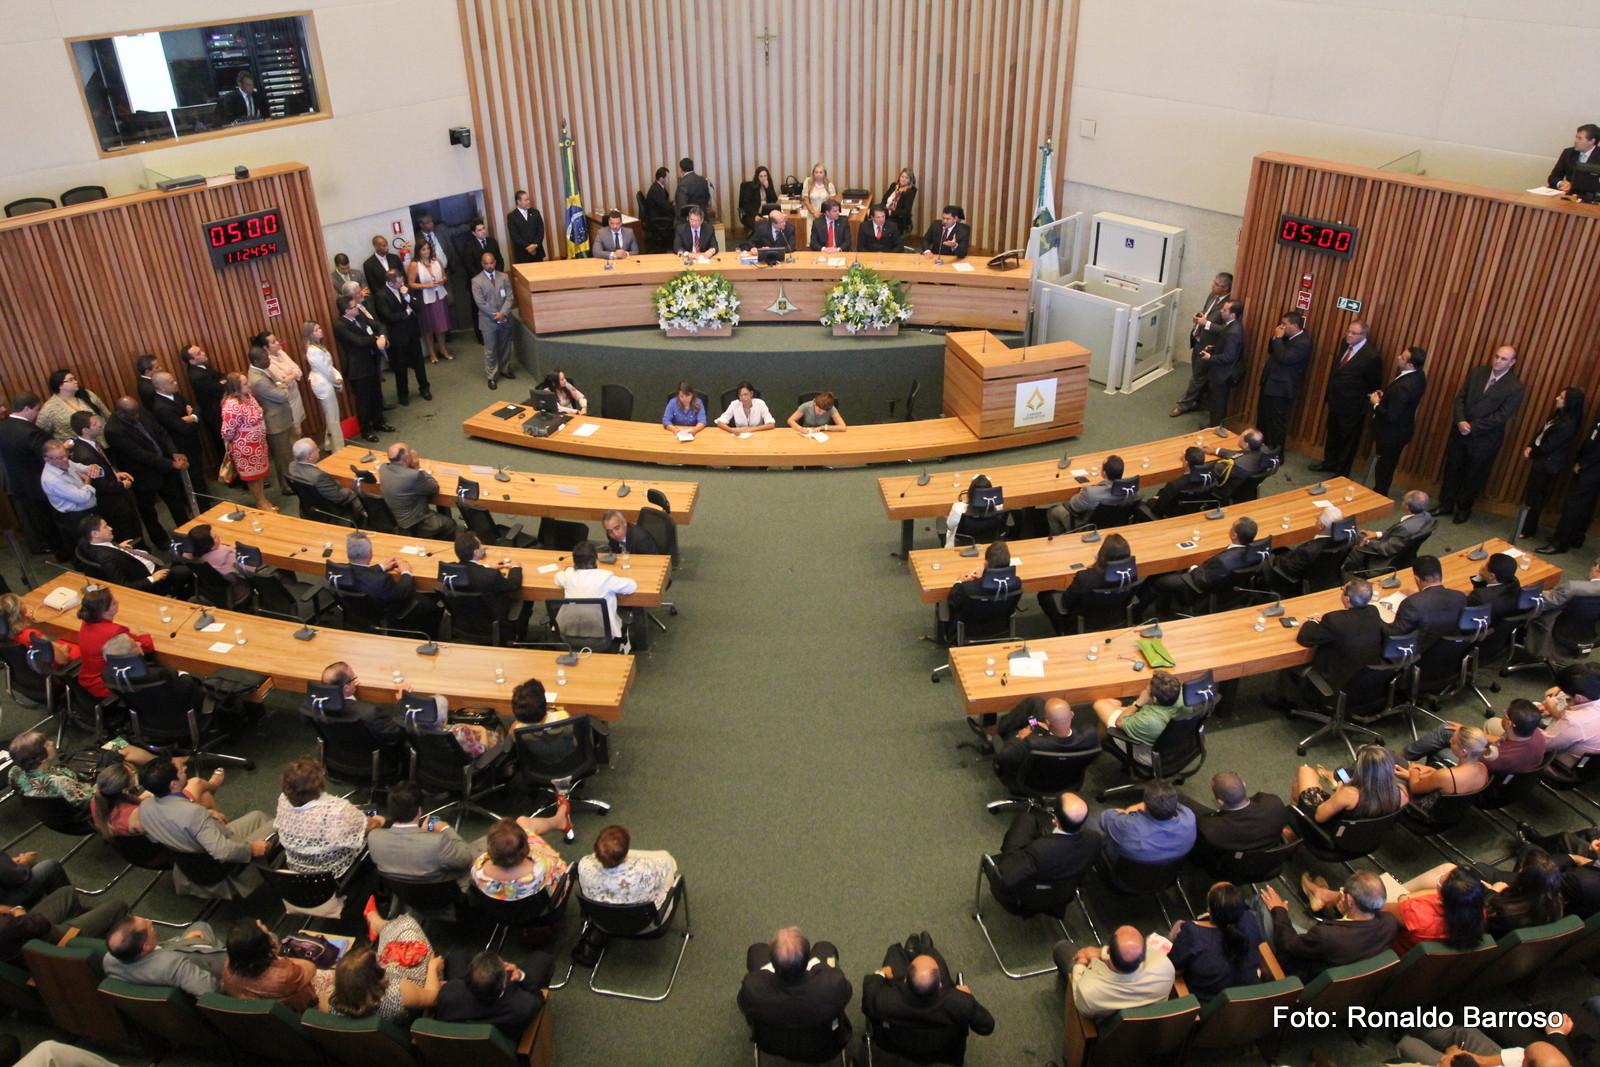 Presidenta da Câmara Distrital é afastada pela Justiça. Nossa Brasília participou da mobilização da Sociedade Civil pelo afastamento.